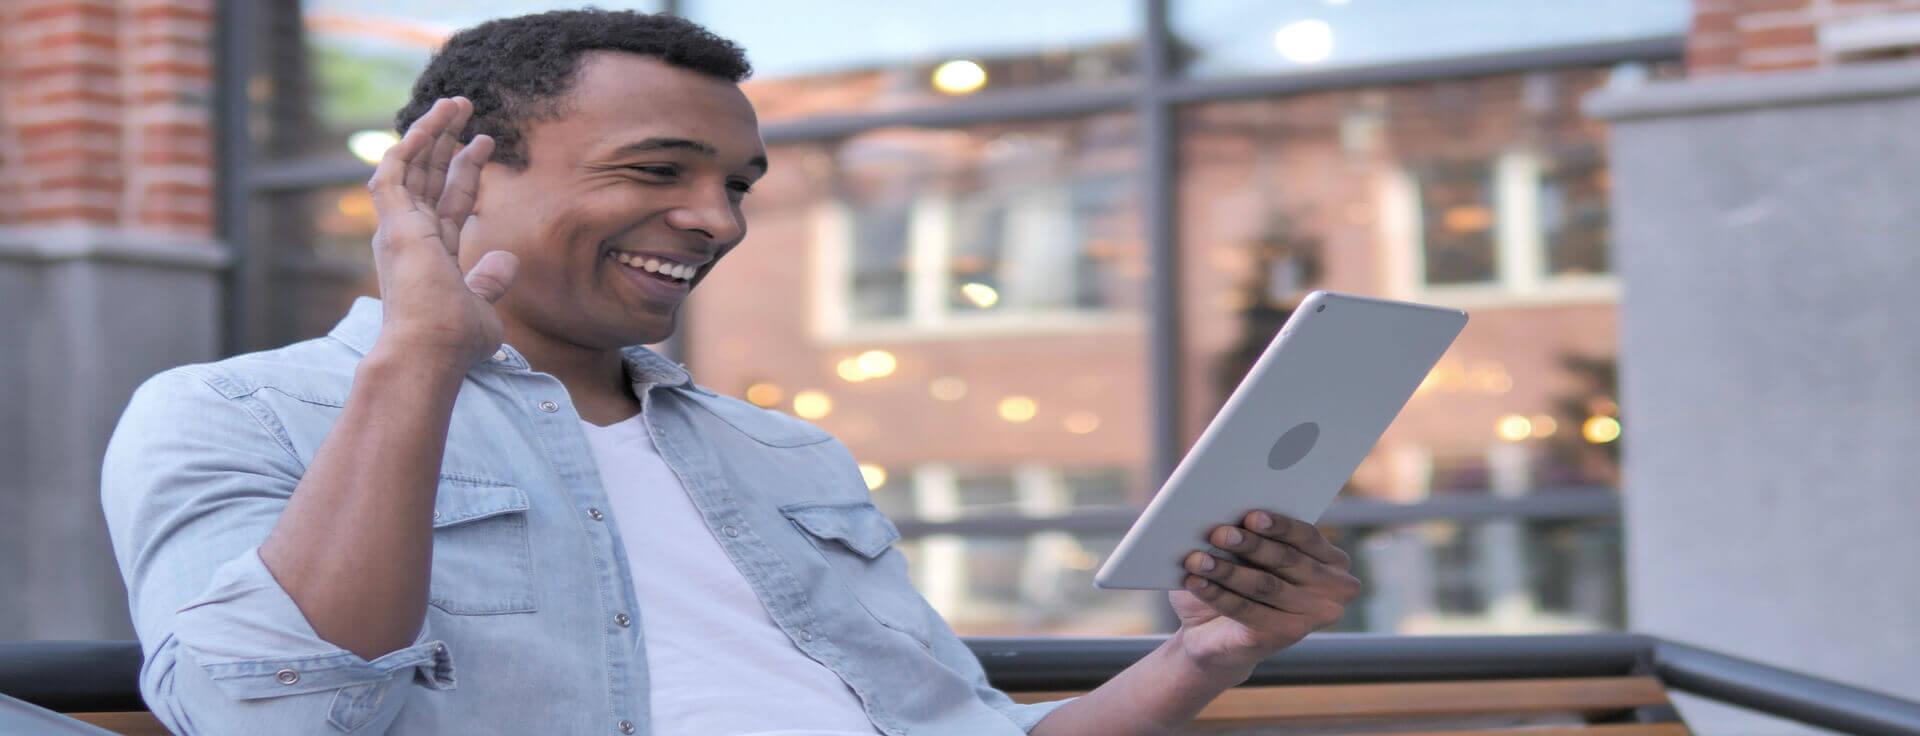 Homem sorrindo vendo tablet